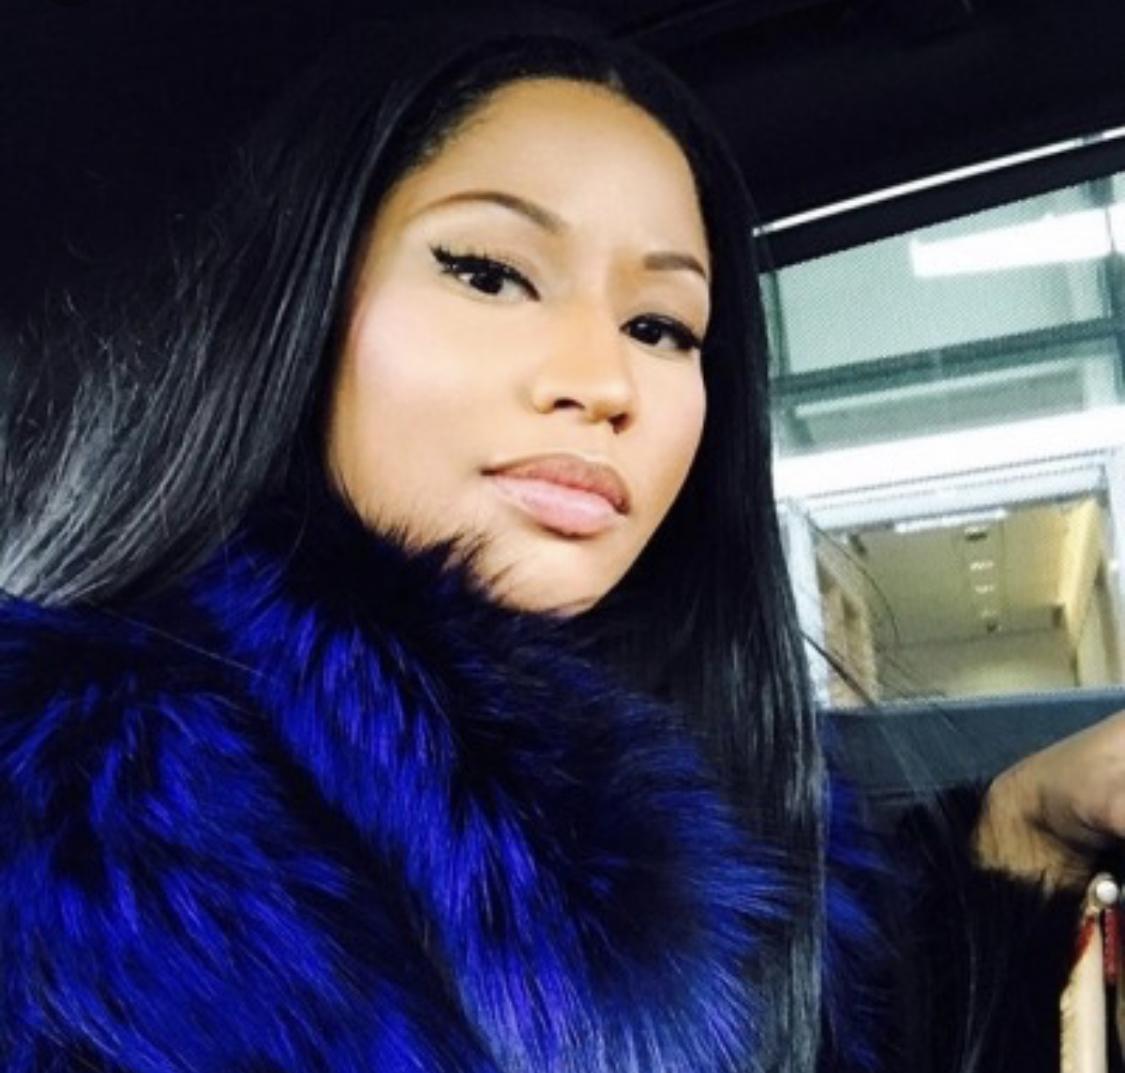 Nicki Minaj | 14 Most Followed Celebrities on Instagram in 2019 | Her Beauty